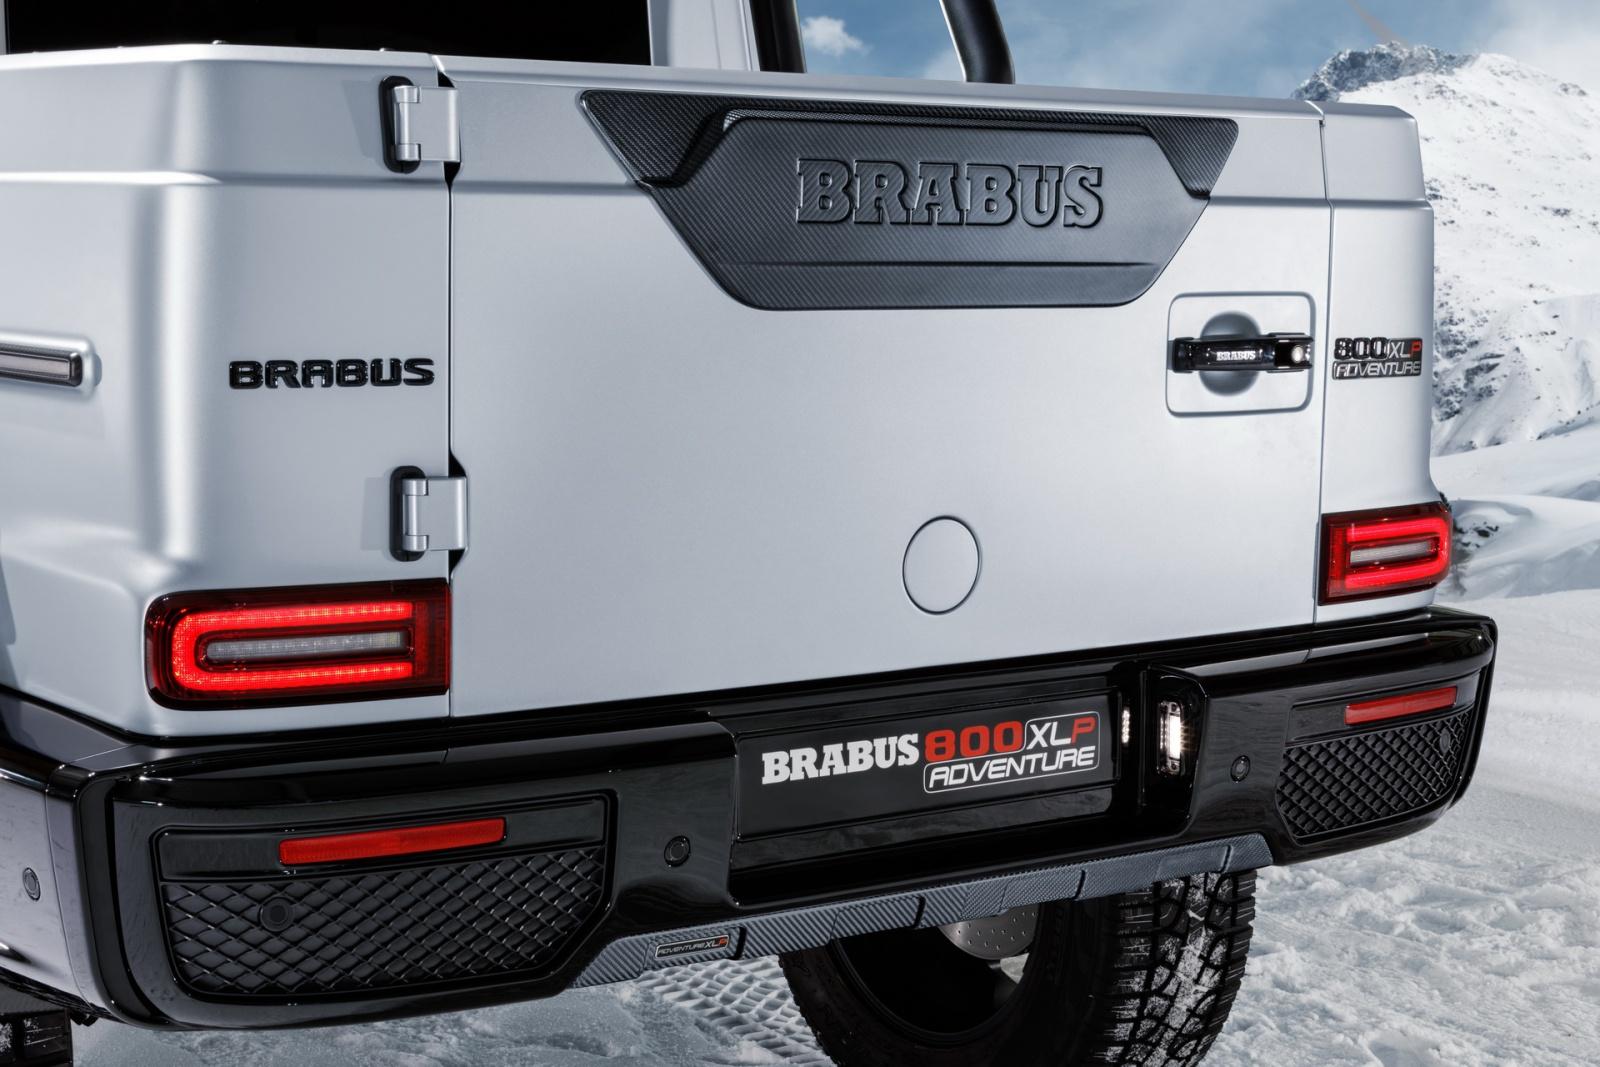 Название: Brabus-800-Adventure-XLP-12.jpg Просмотров: 651  Размер: 453.3 Кб